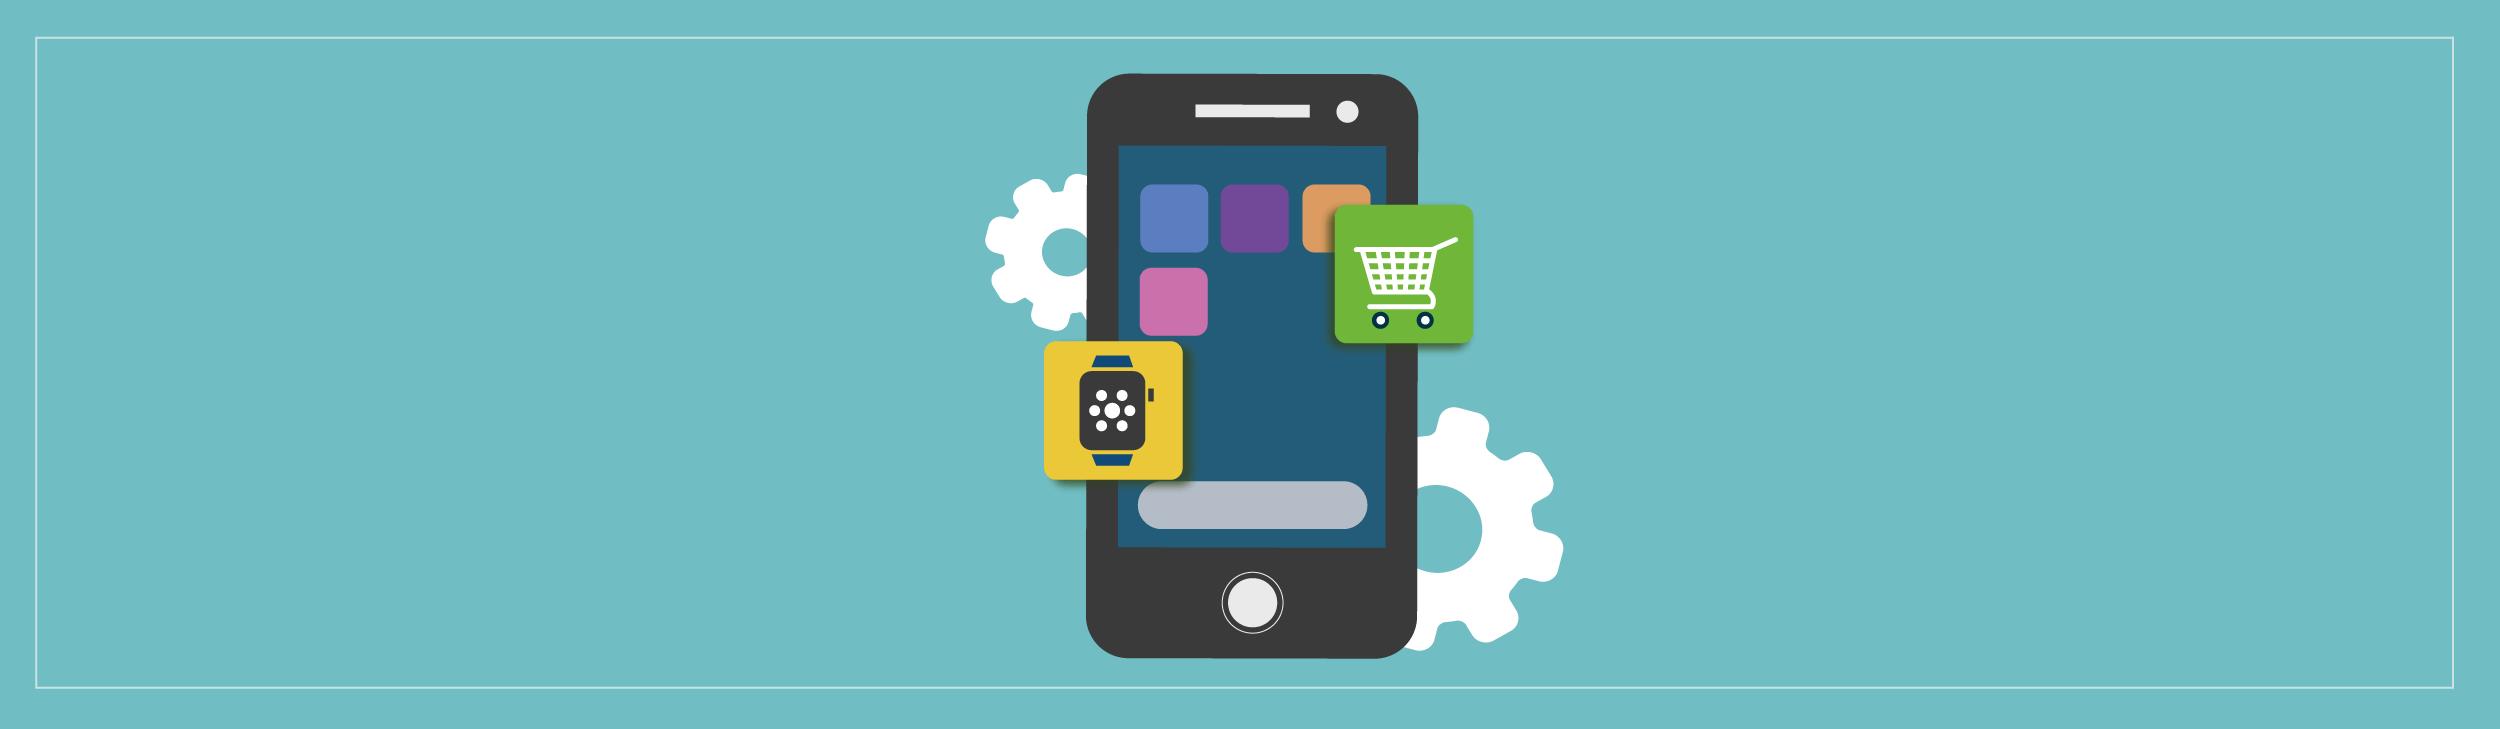 8 Mobile App Development Trends for 2021